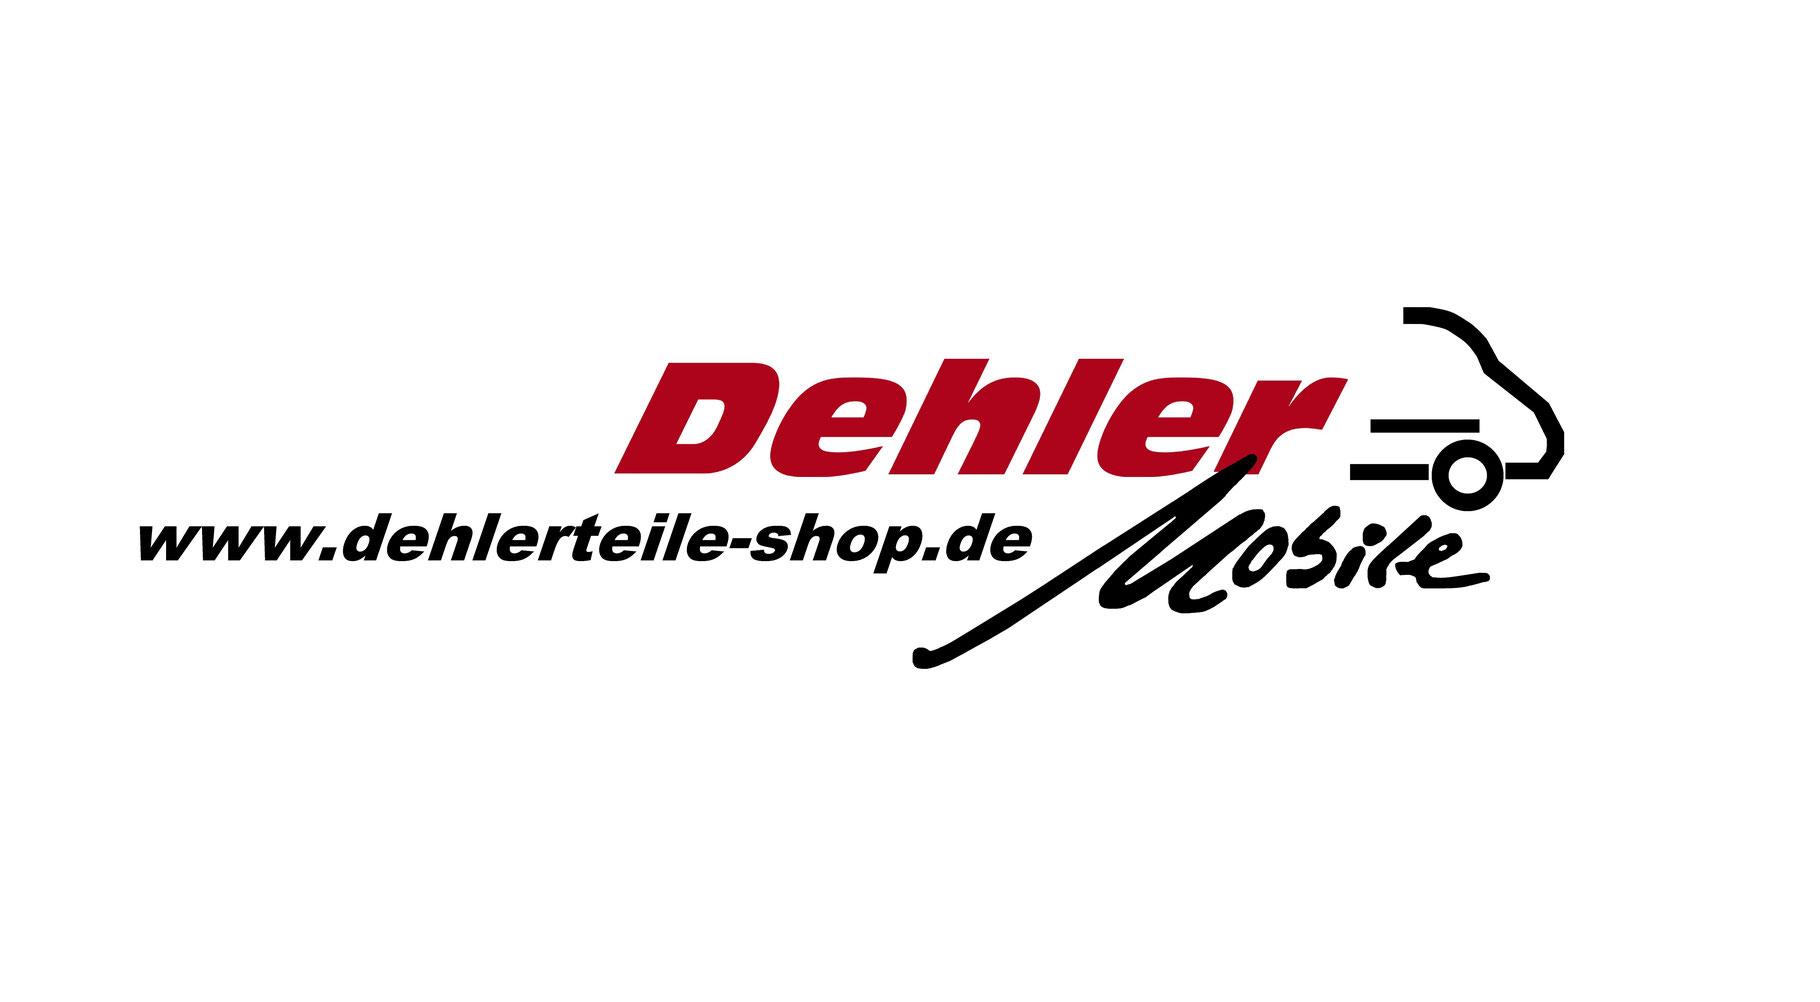 2. dachanbauteile - www.dehlerteile-shop.de